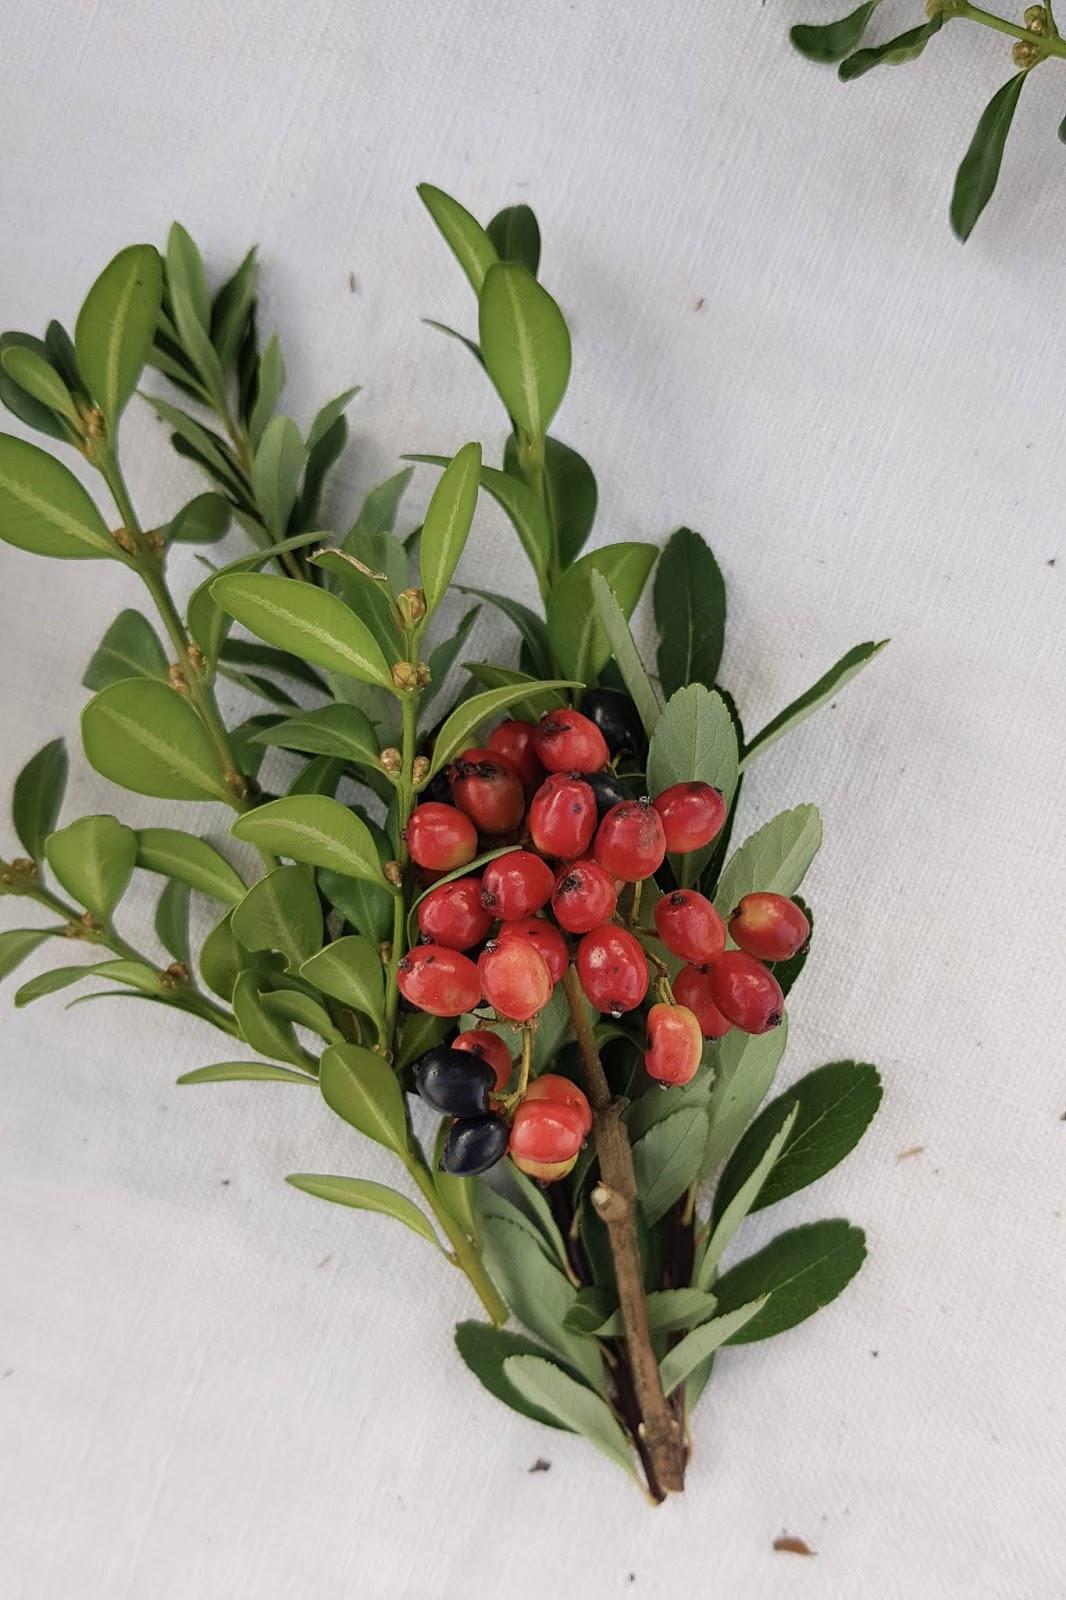 Früchte Beeren vom Wolliger Schneeball. Kombination mit Buchs. Beerenkranz für den Herbst